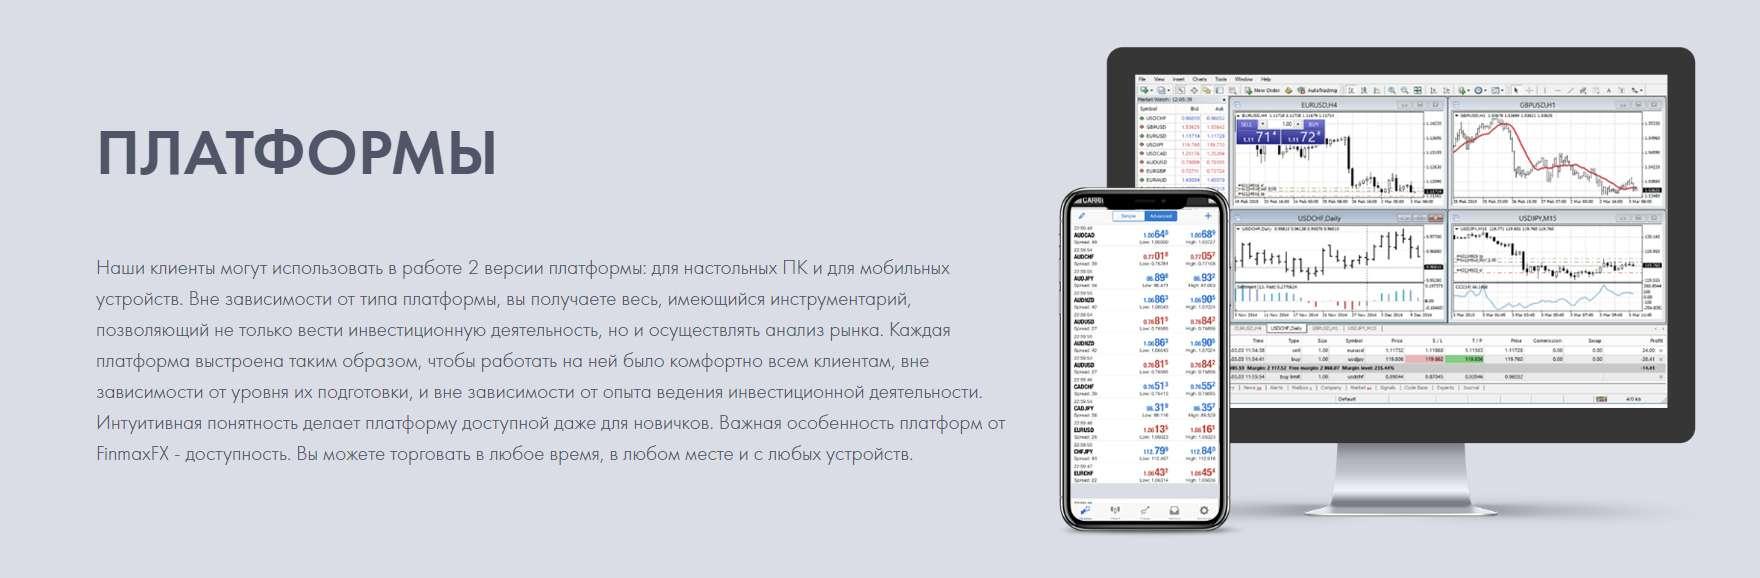 Развитие надежного брокера FinmaxFX. Доверяем и рекомендуем для трейдеров Форекс.